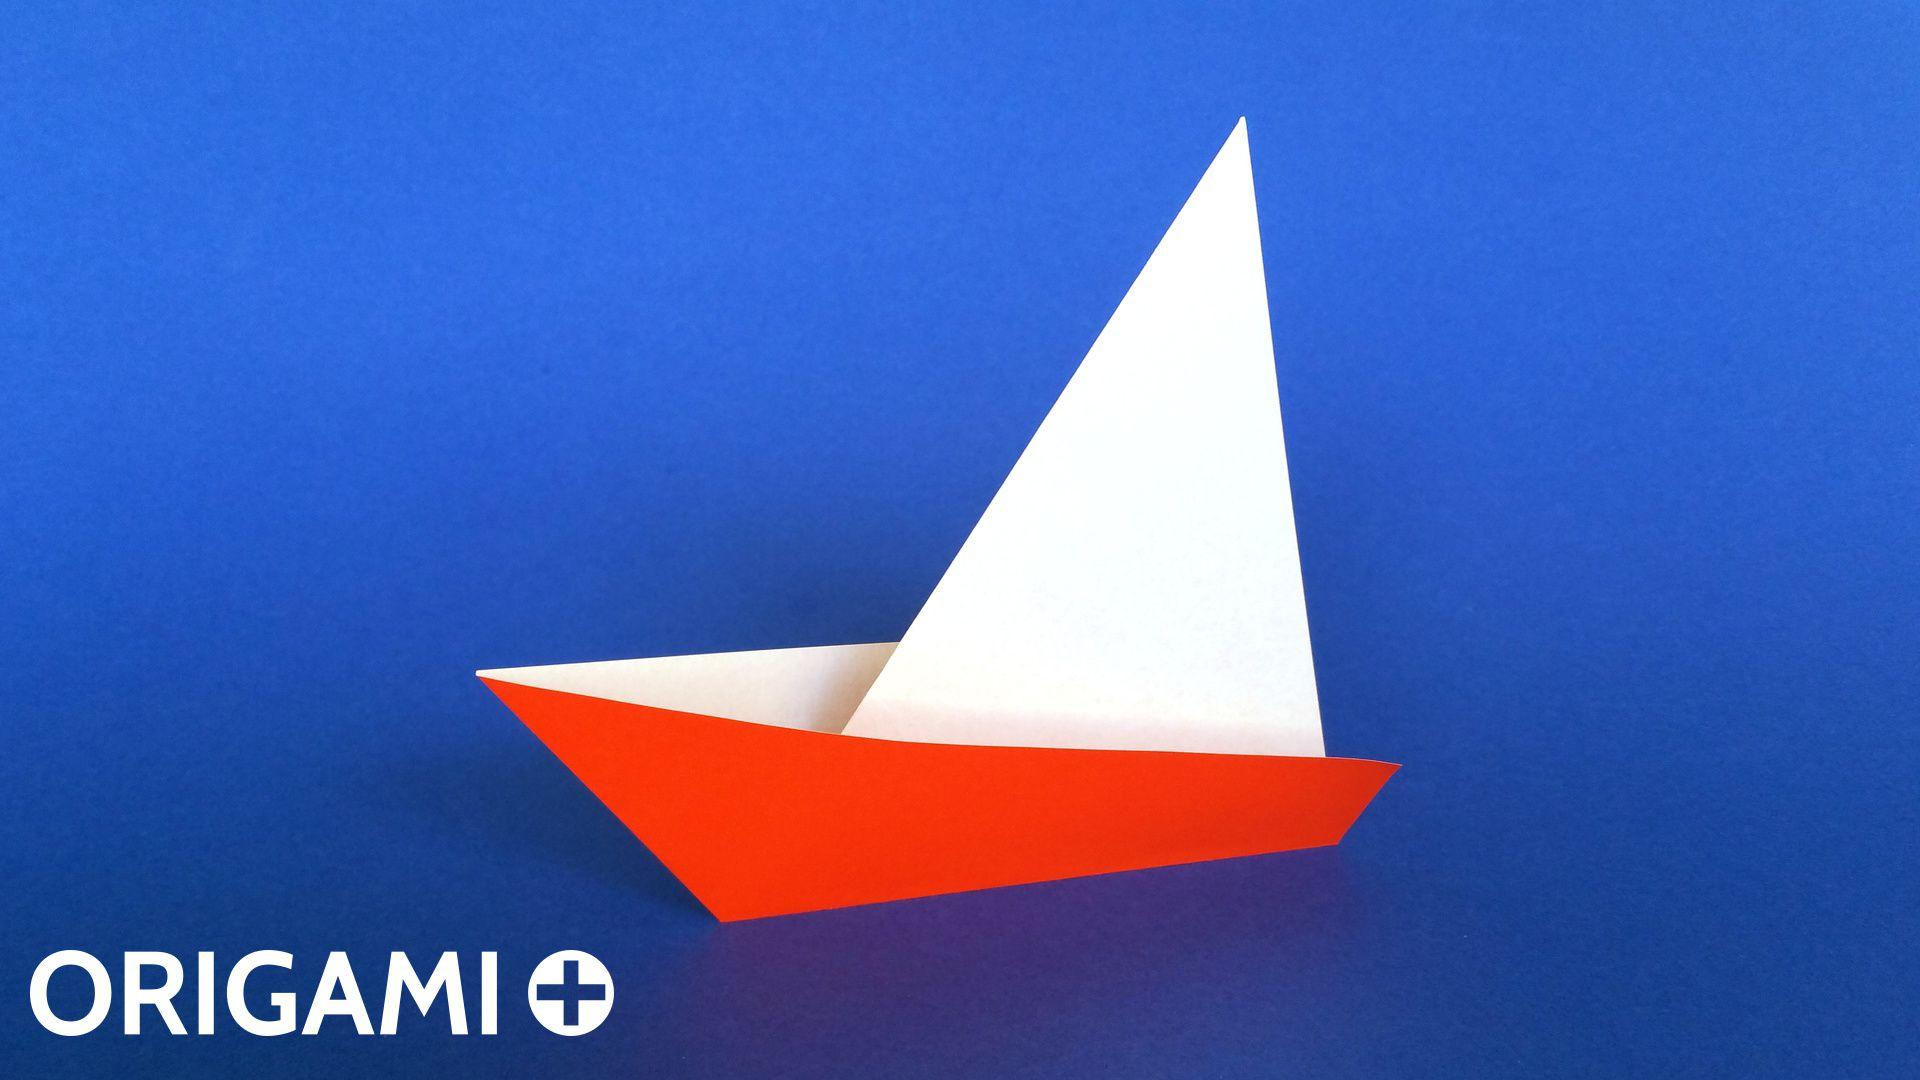 Favoritos Modelos de Origami com fotos e vídeos PF45